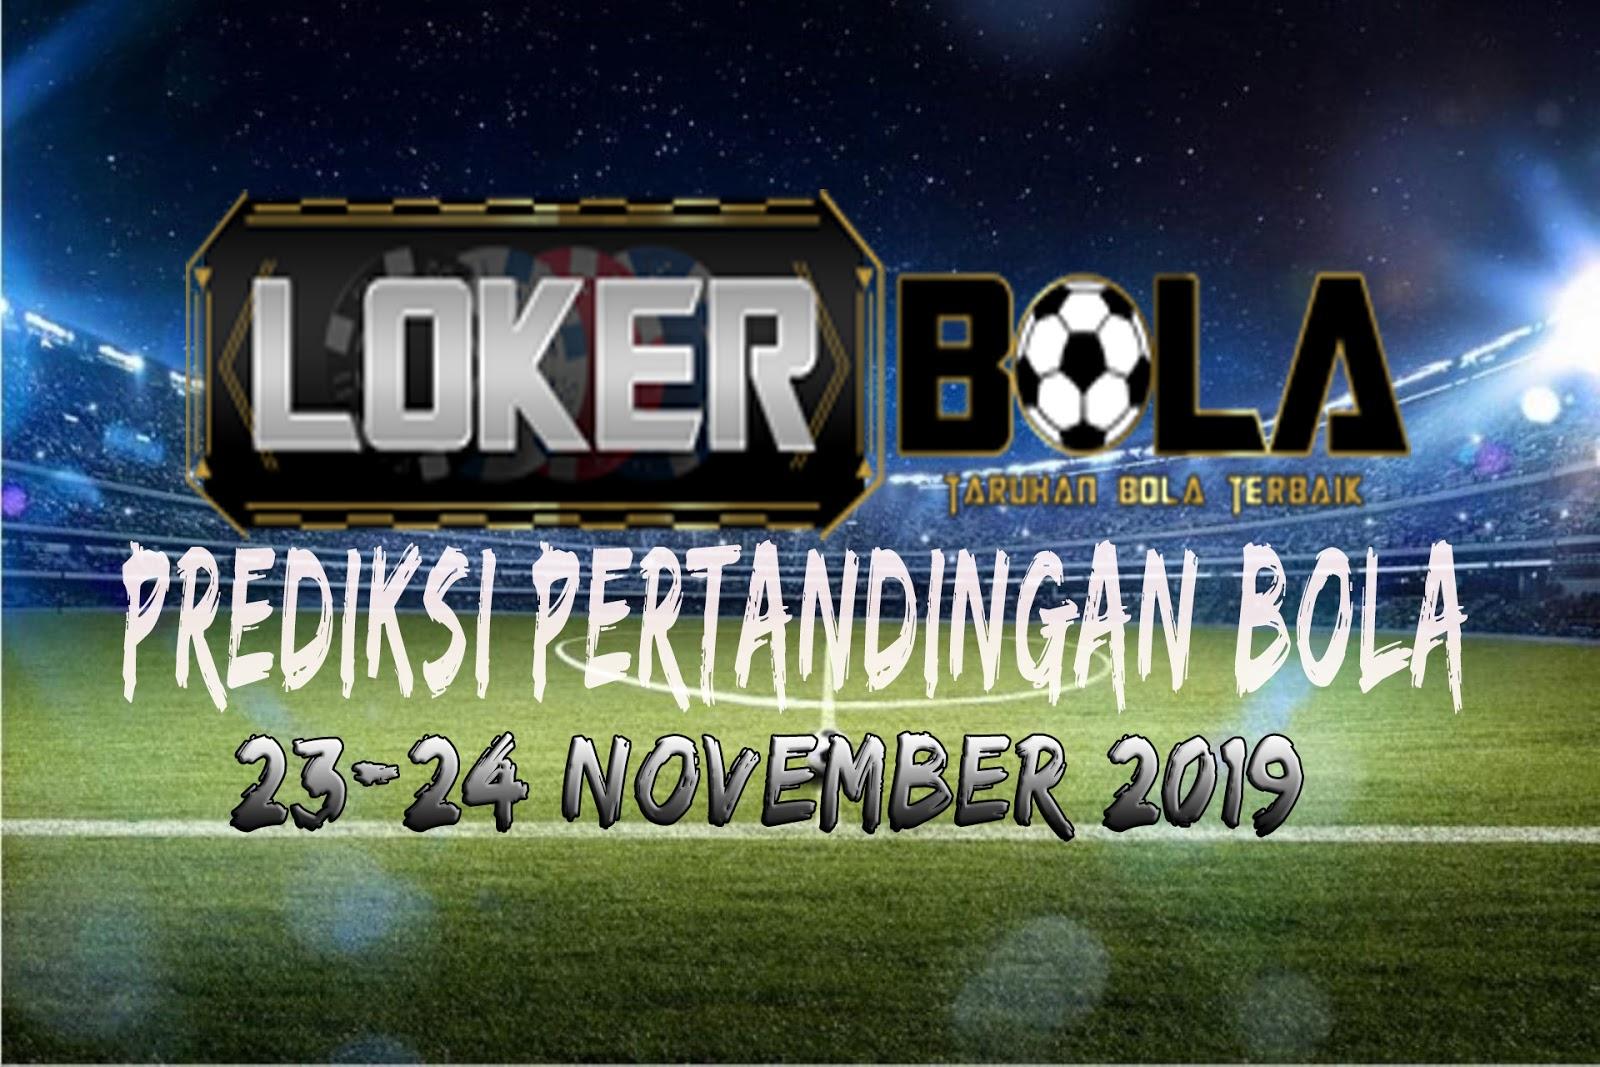 PREDIKSI PERTANDINGAN BOLA 23 – 24 NOVEMBER 2019